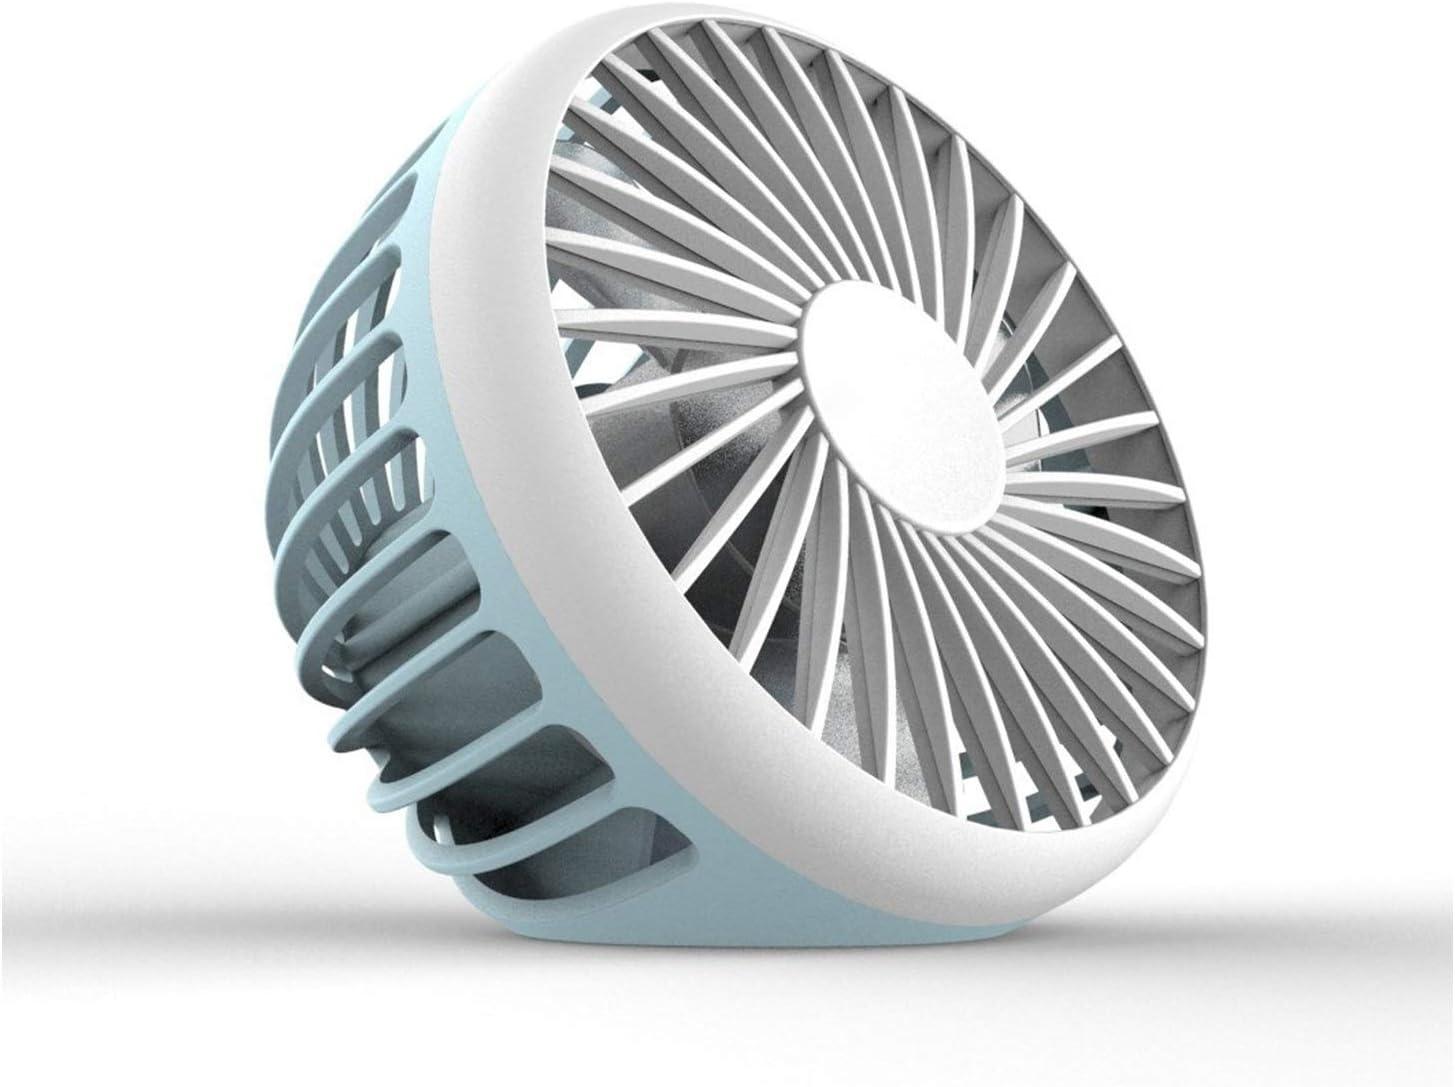 XIAOF-FEN Mini Fan USB Charging Mute Fan 3 Leaf Lightweight Electric Fan Outdoor Personal Fans USB Fan Color : 01